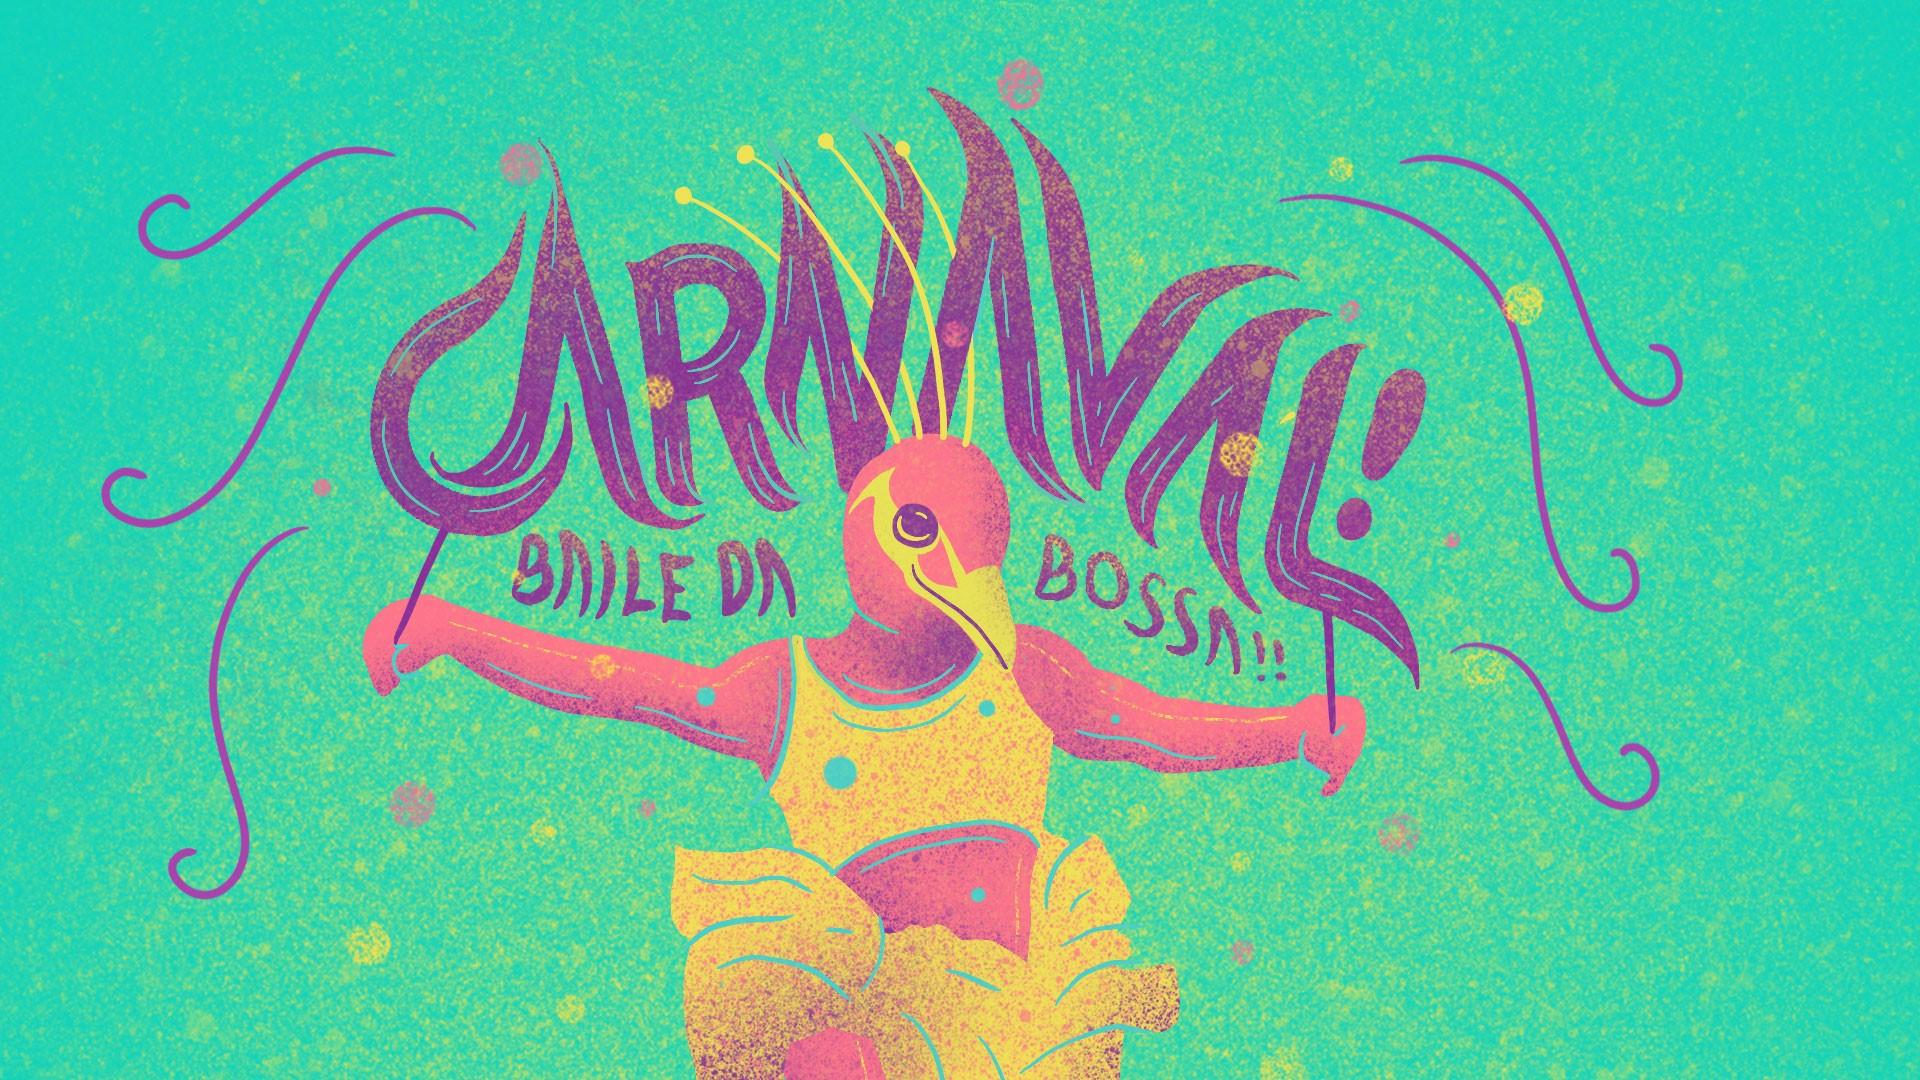 carnaval-baile-da-bossa